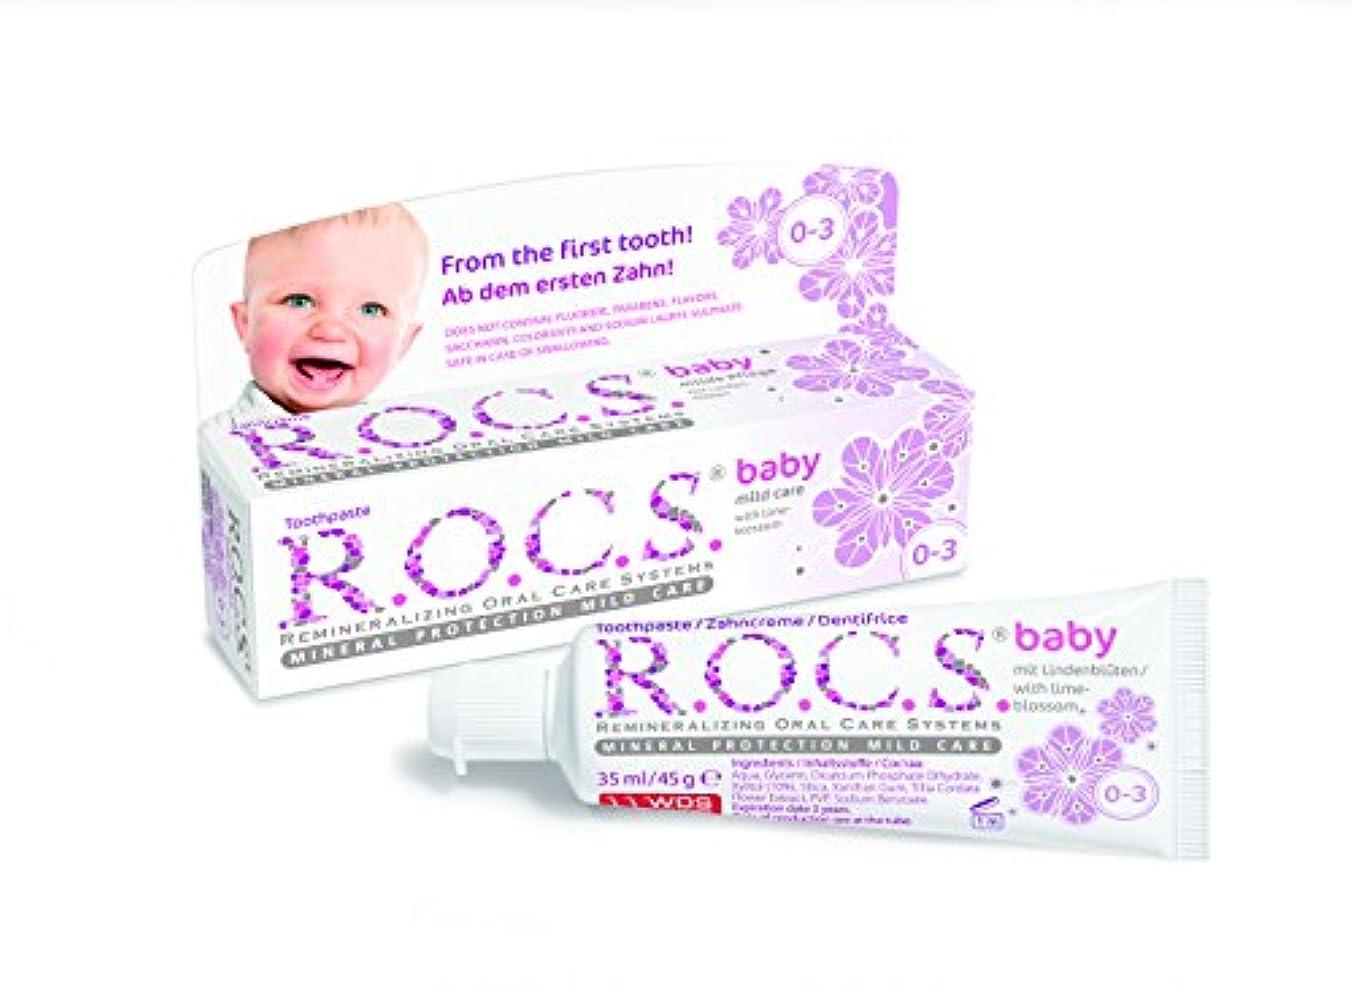 豚義務づけるロマンスR.O.C.S. ロックス歯磨き粉 ベビー用マイルドケア ライム